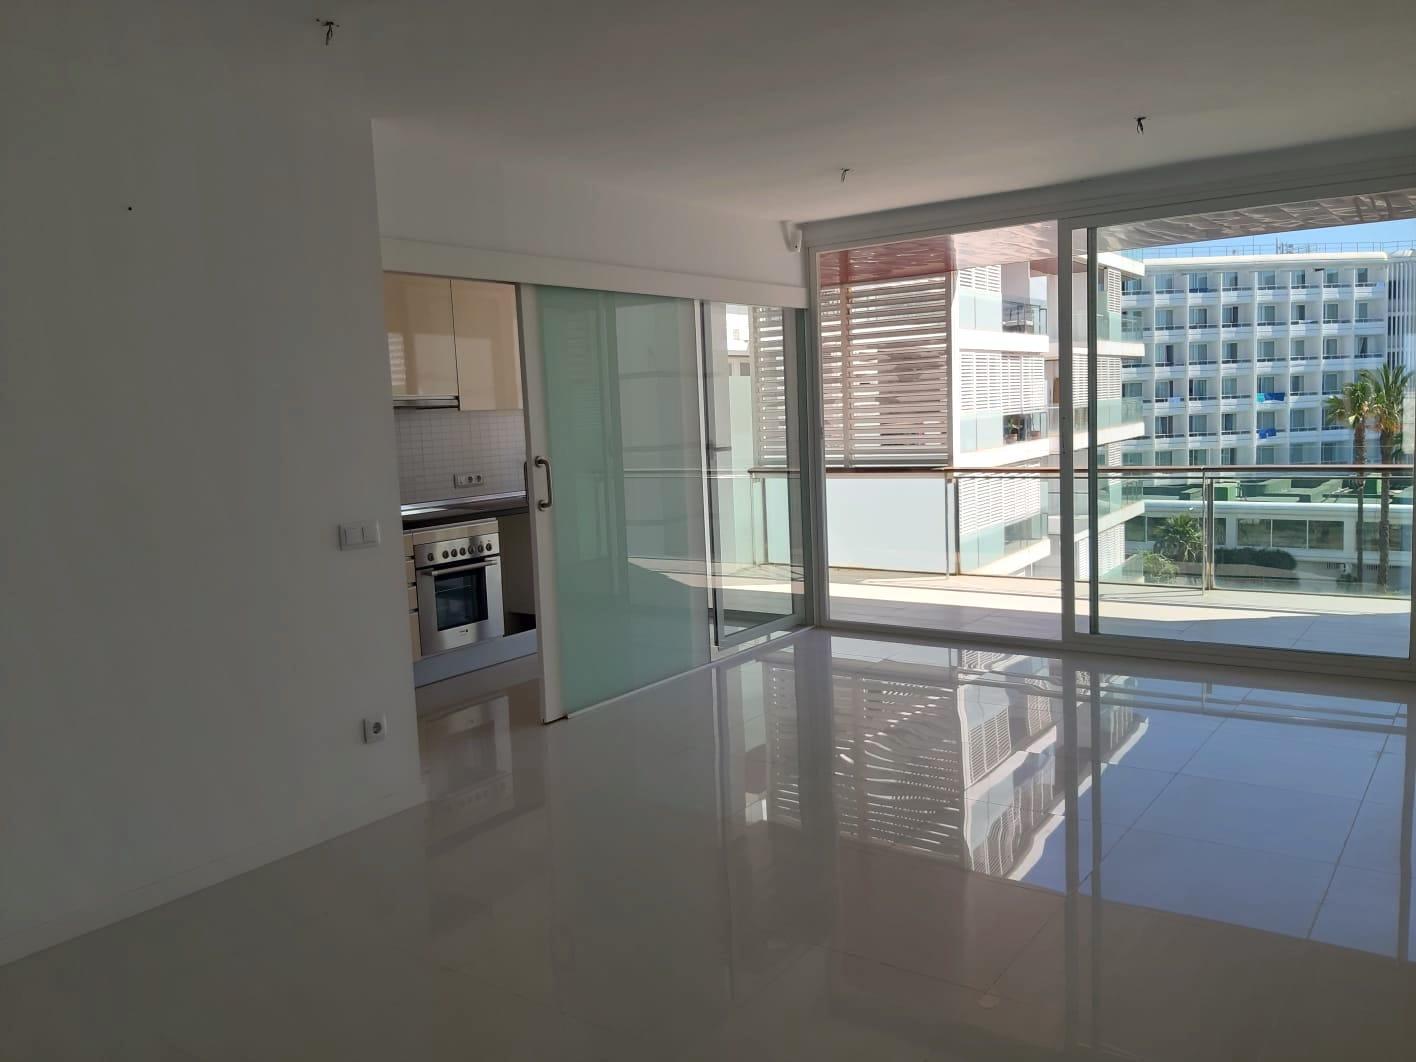 Moderno apartamento de 2 dormitorios con gran potencial junto al mar en Playa d'en Bossa